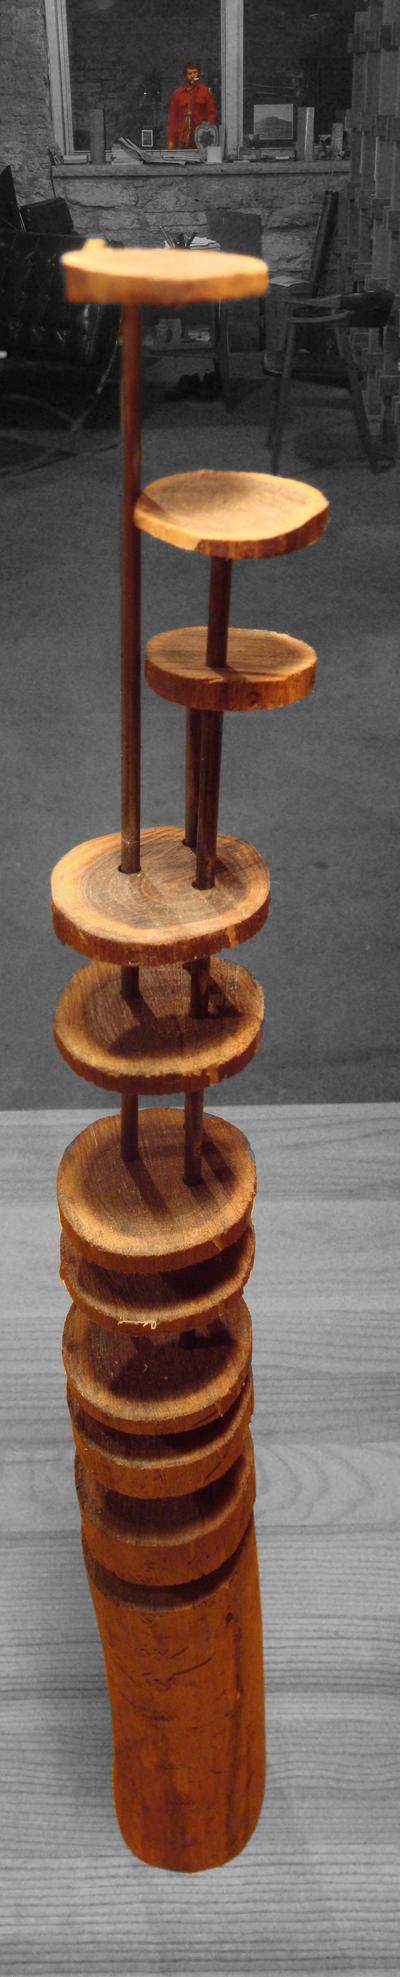 modulating log